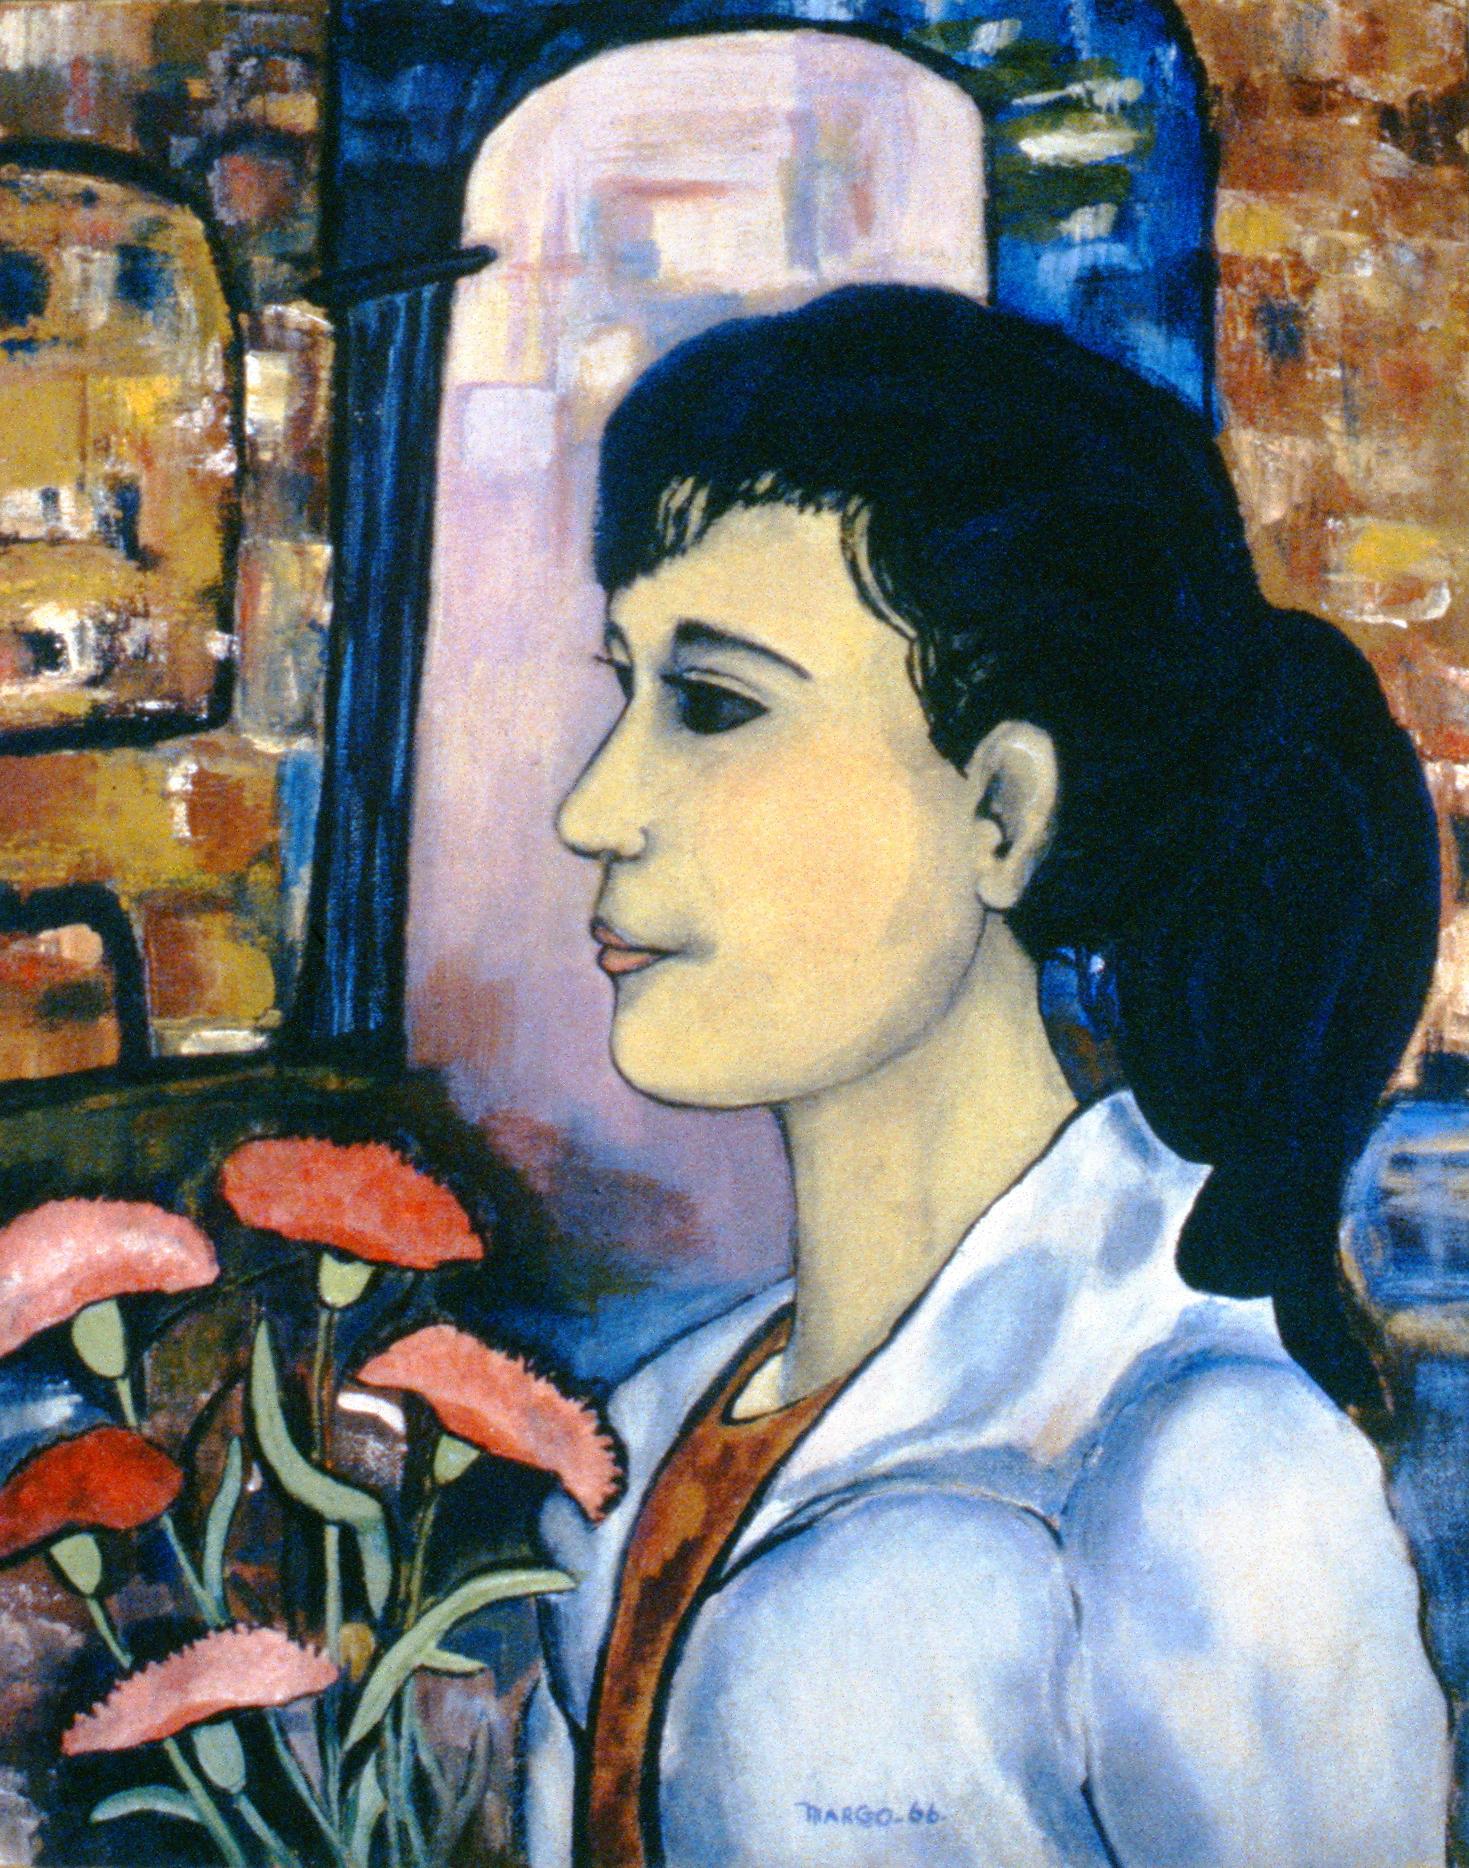 Girl (Zeljko's Daughter) , 1966, Margo Kip , oil on canvas, 40.5 cm x 50.5 cm, 1968.02.01, gift of the Estate of Margo Kip